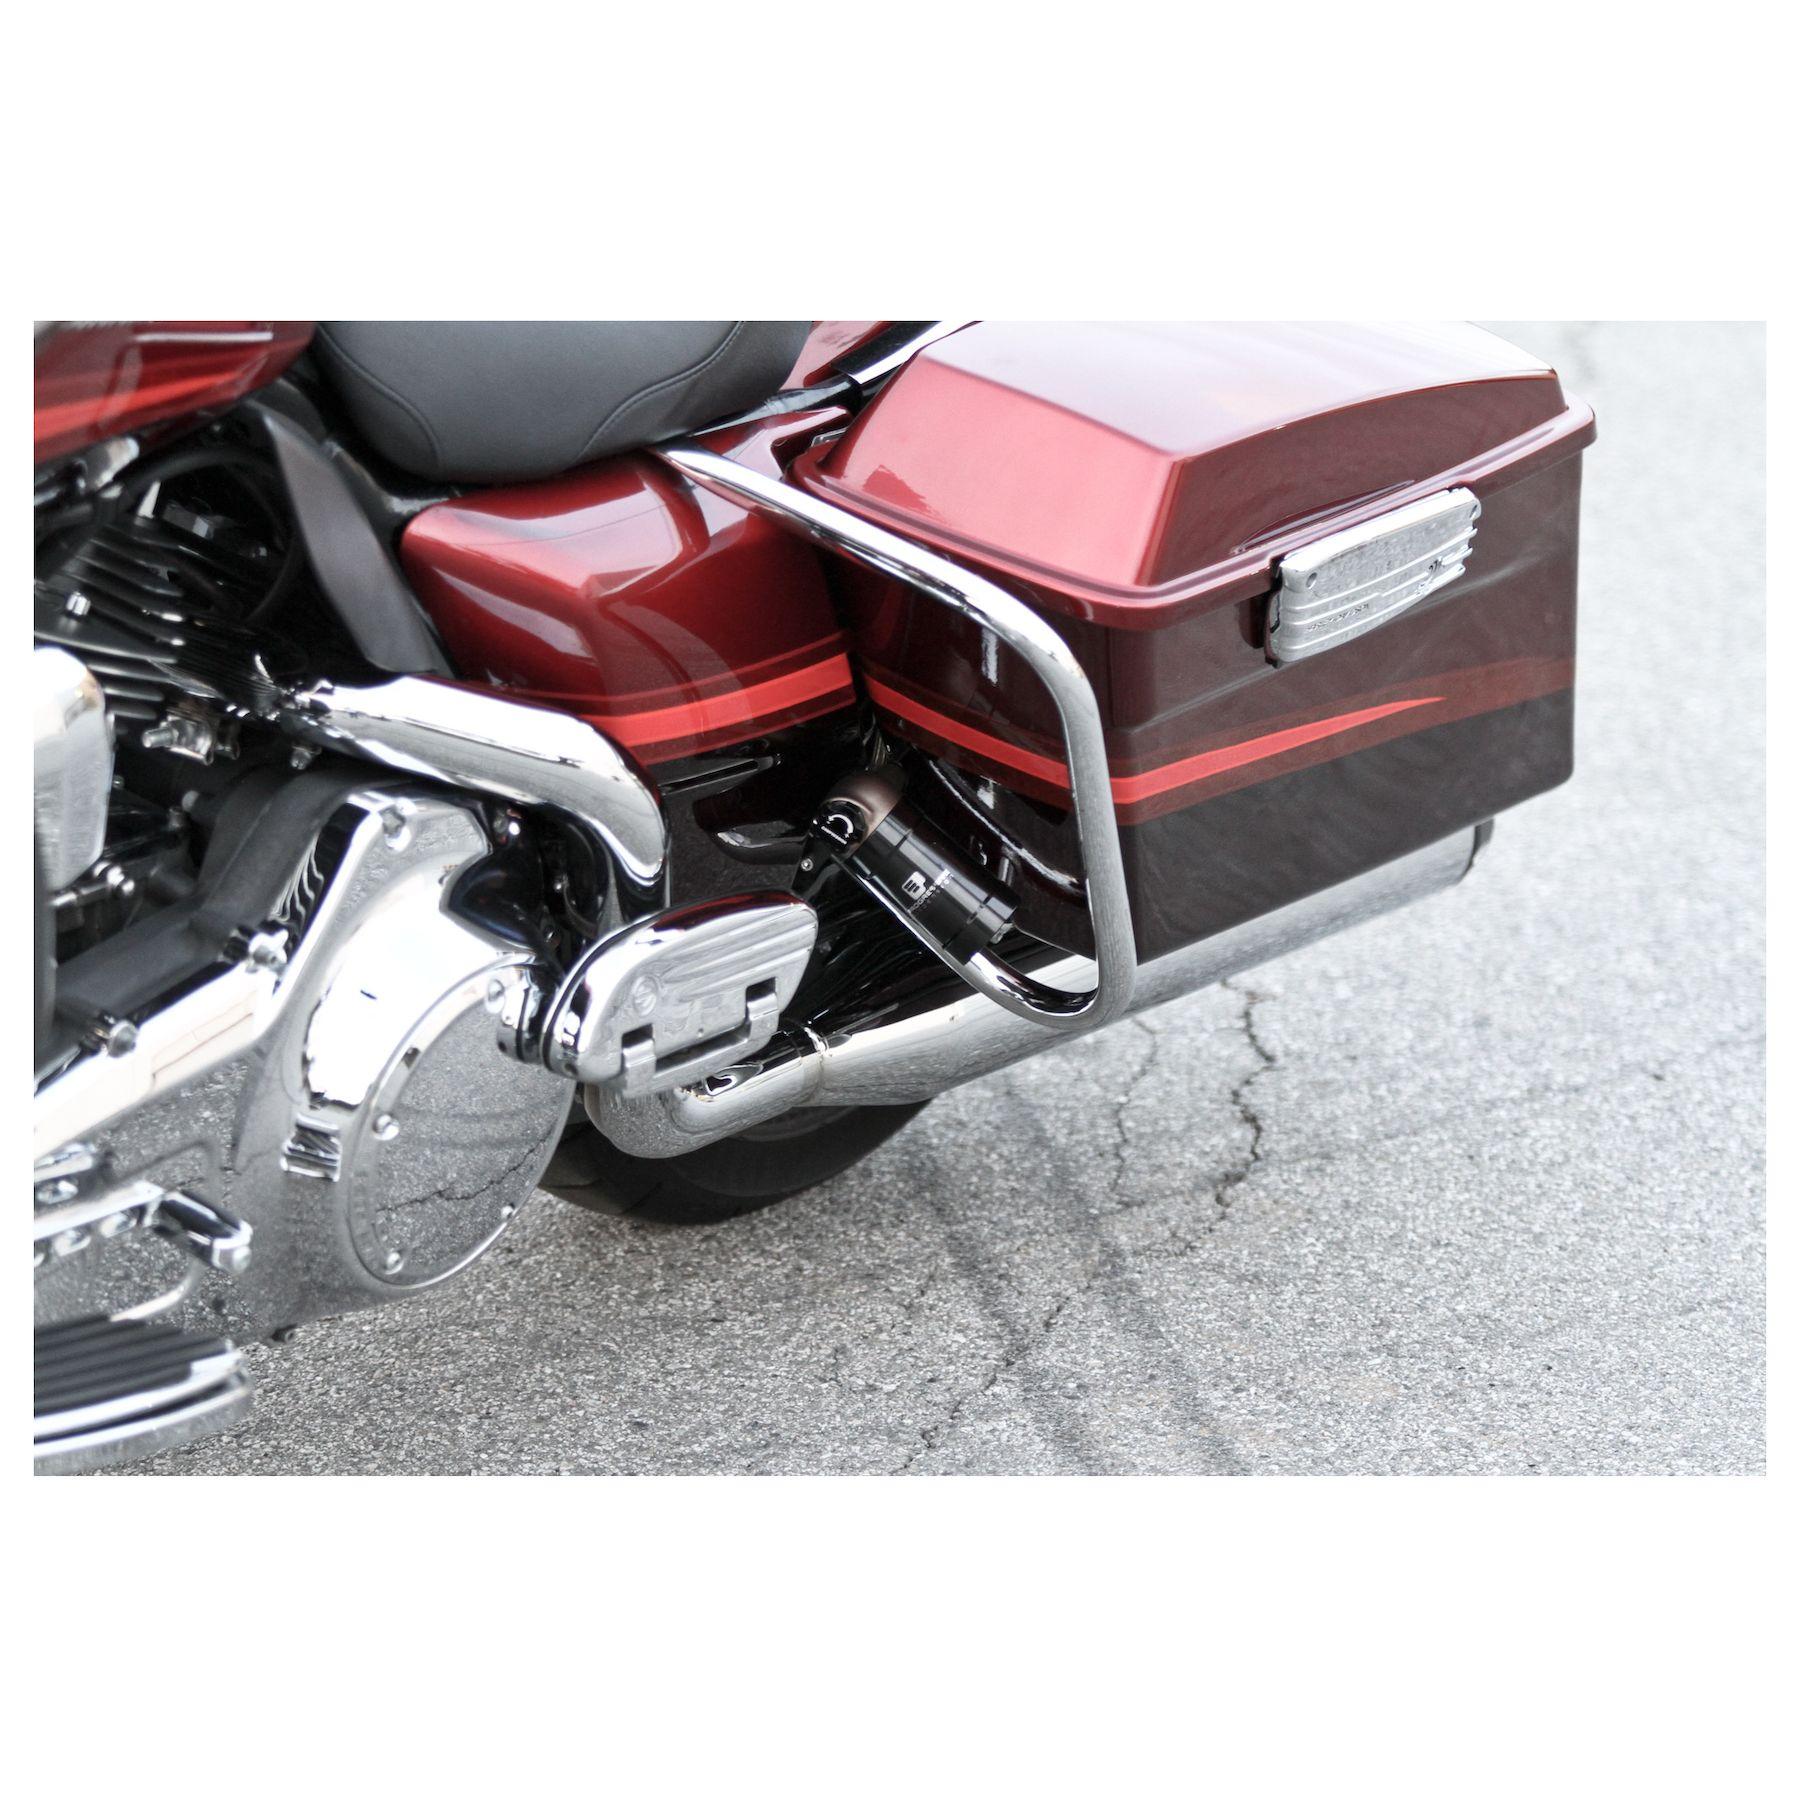 Progressive 970 Remote Reservoir Shocks For Harley Touring 1993-2019